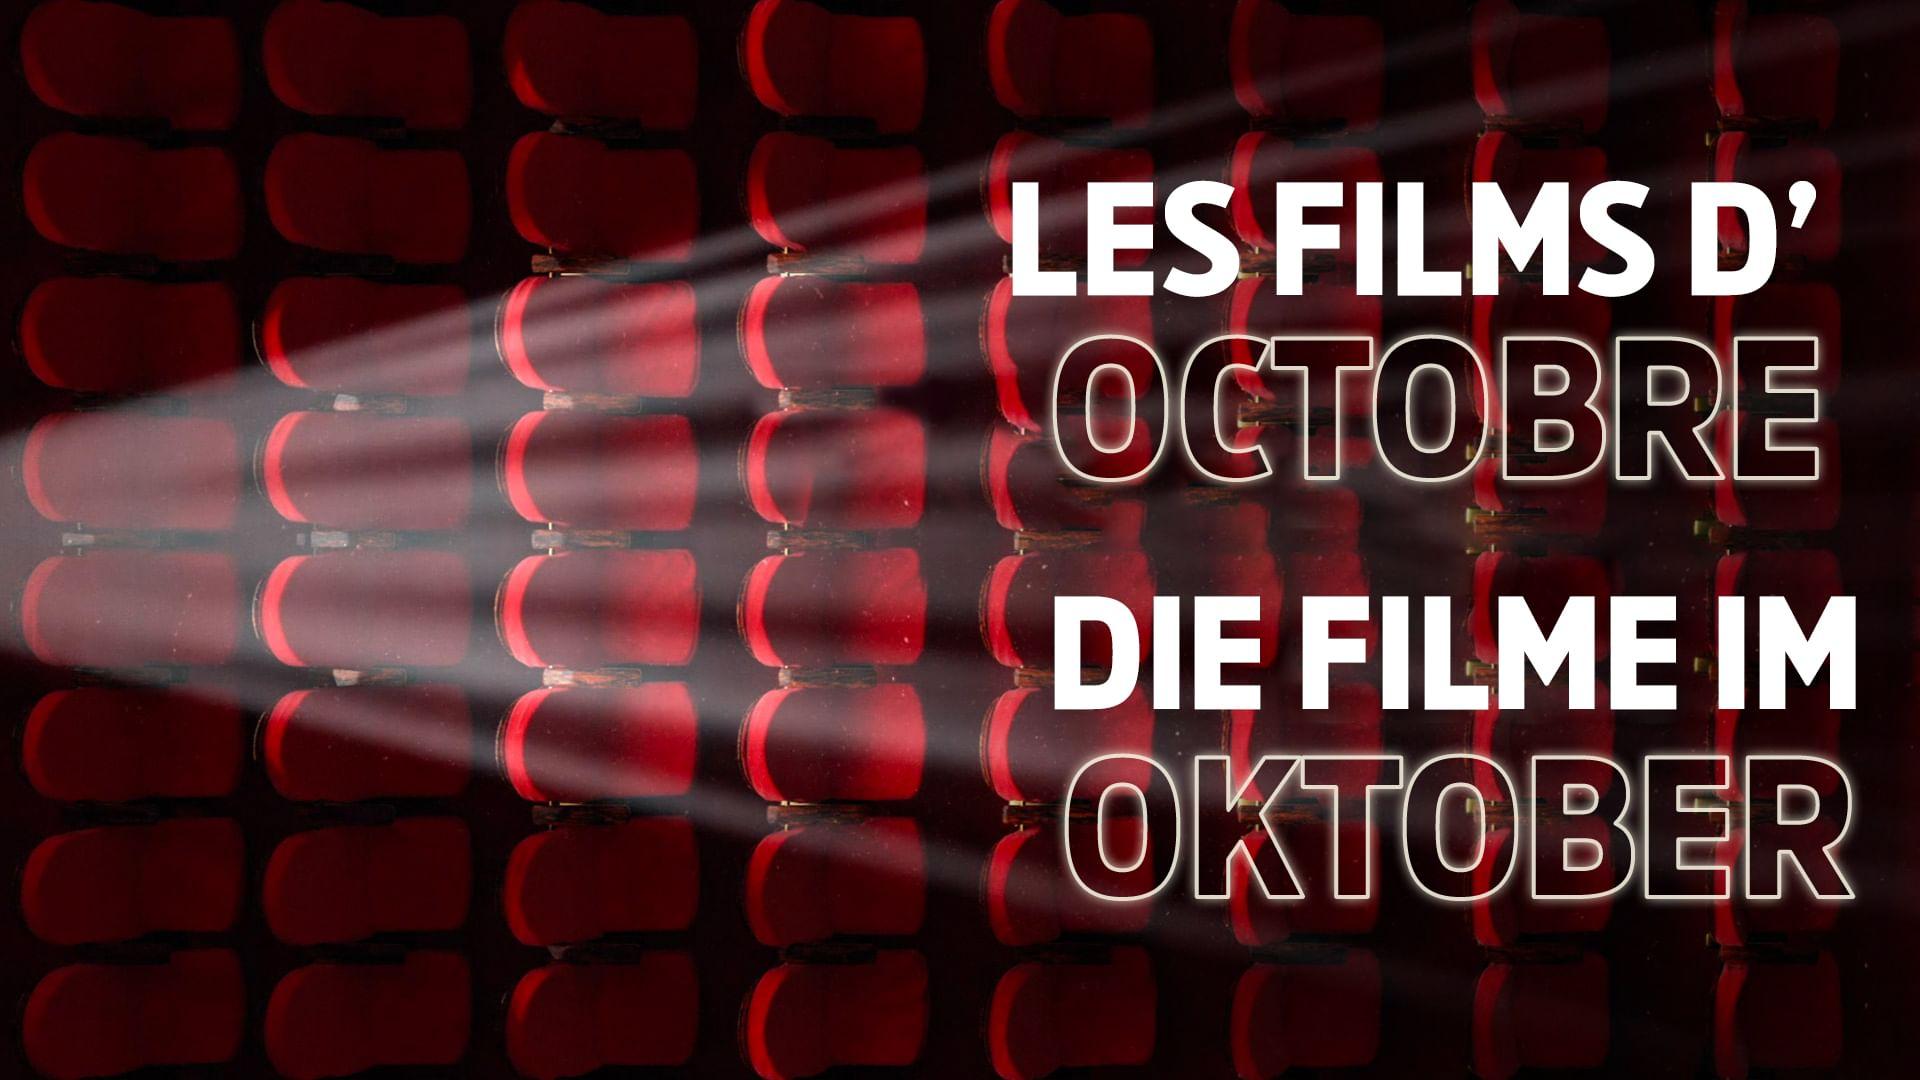 Les films du mois d'octobre : aperçu en 1 minute